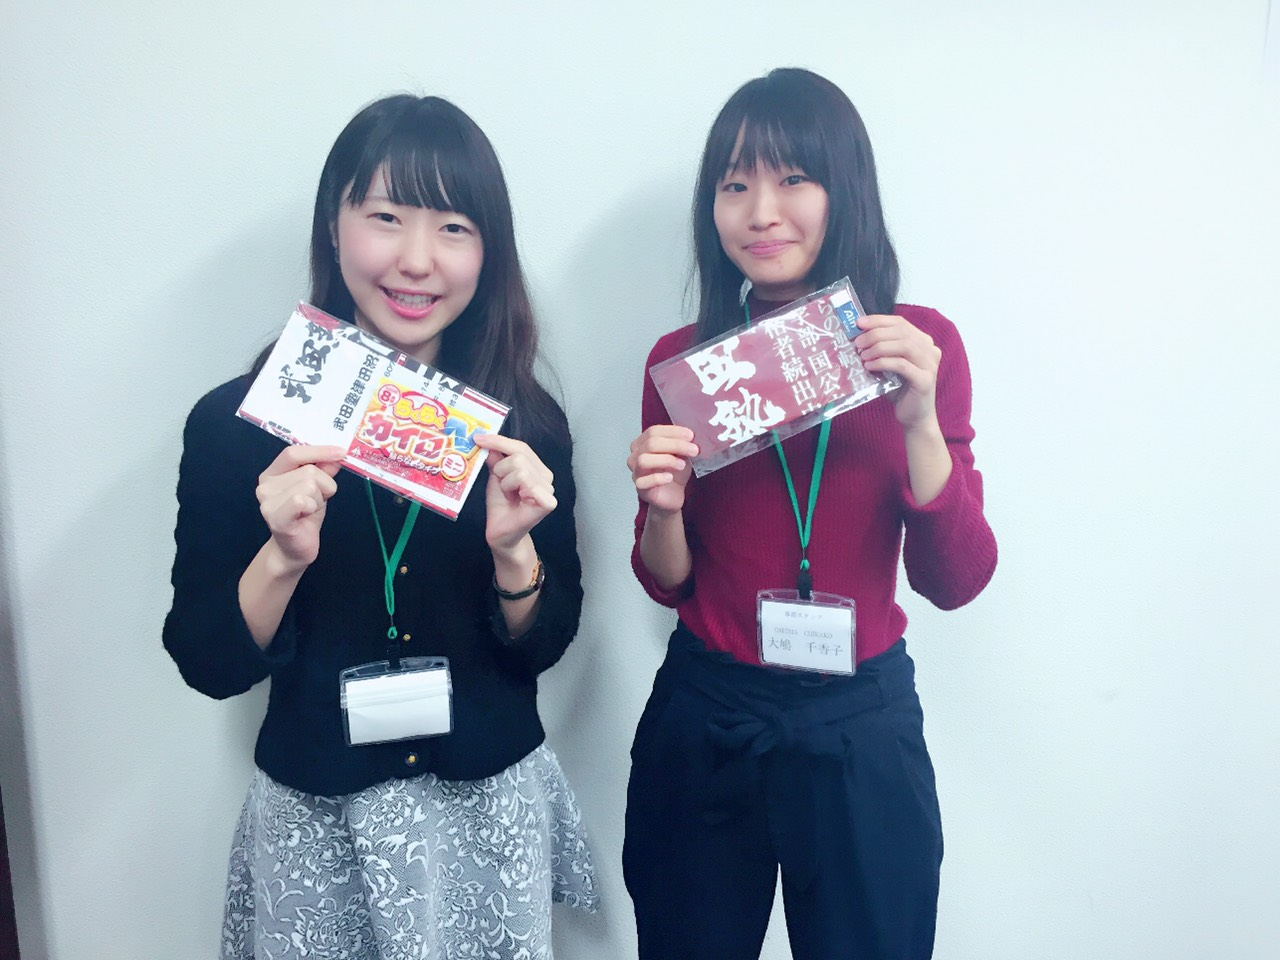 見逃さないで!武田塾スタッフが皆様の学校に登場します!